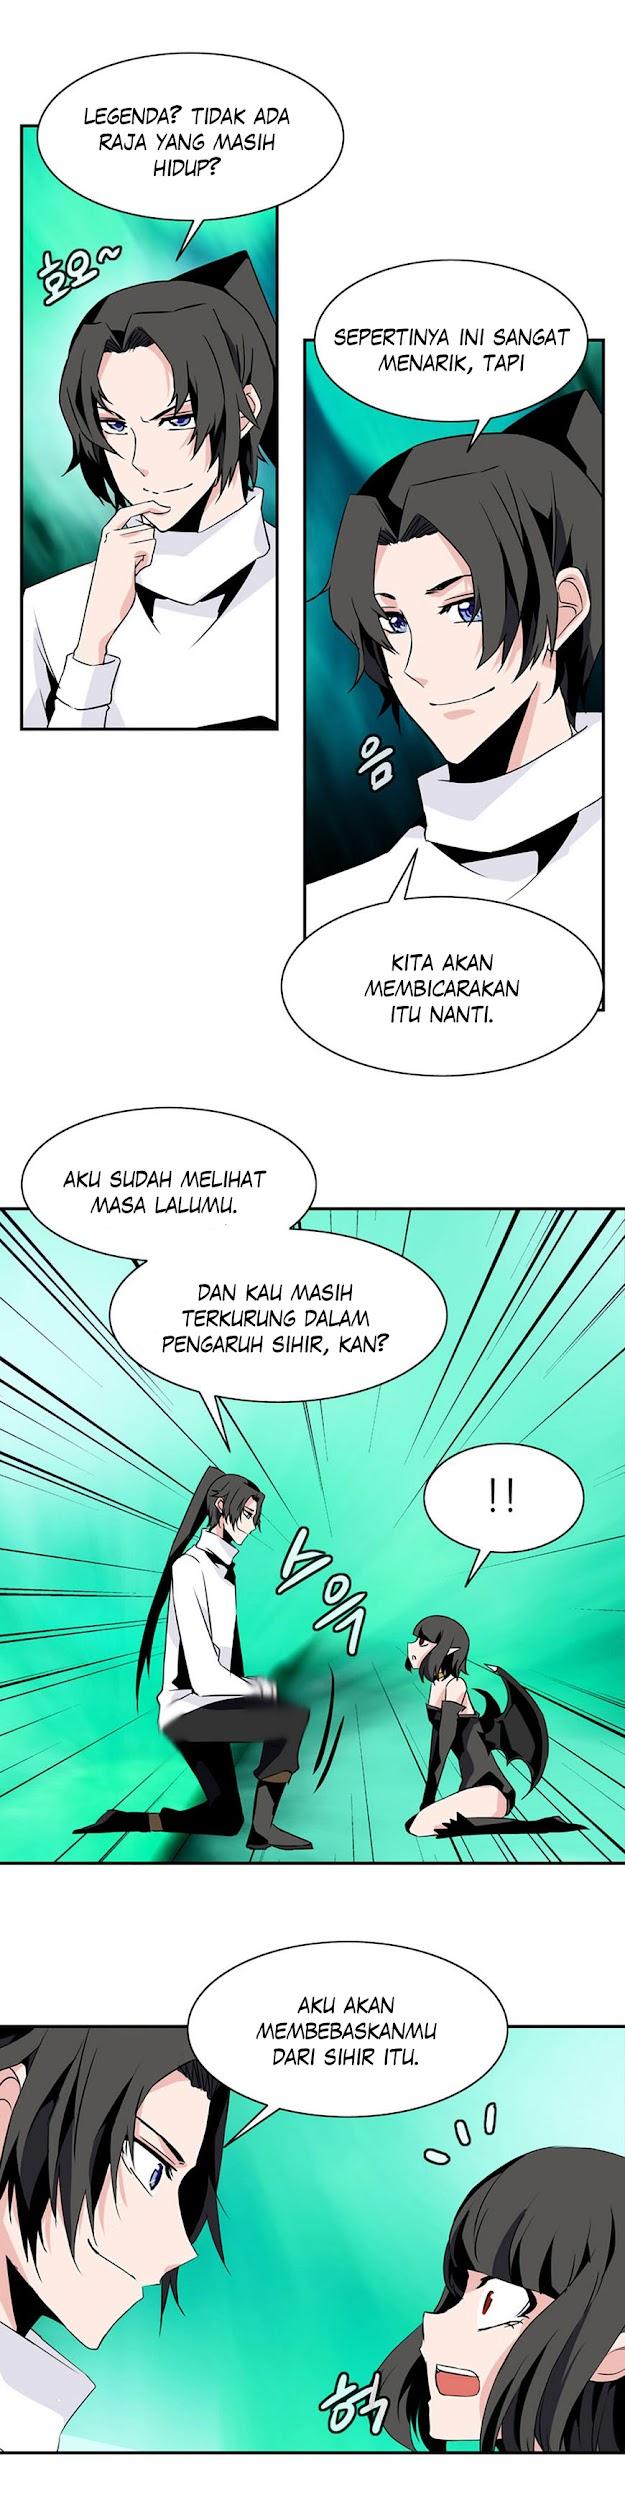 Dilarang COPAS - situs resmi www.mangacanblog.com - Komik wizardly tower 035 - chapter 35 36 Indonesia wizardly tower 035 - chapter 35 Terbaru 11 Baca Manga Komik Indonesia Mangacan